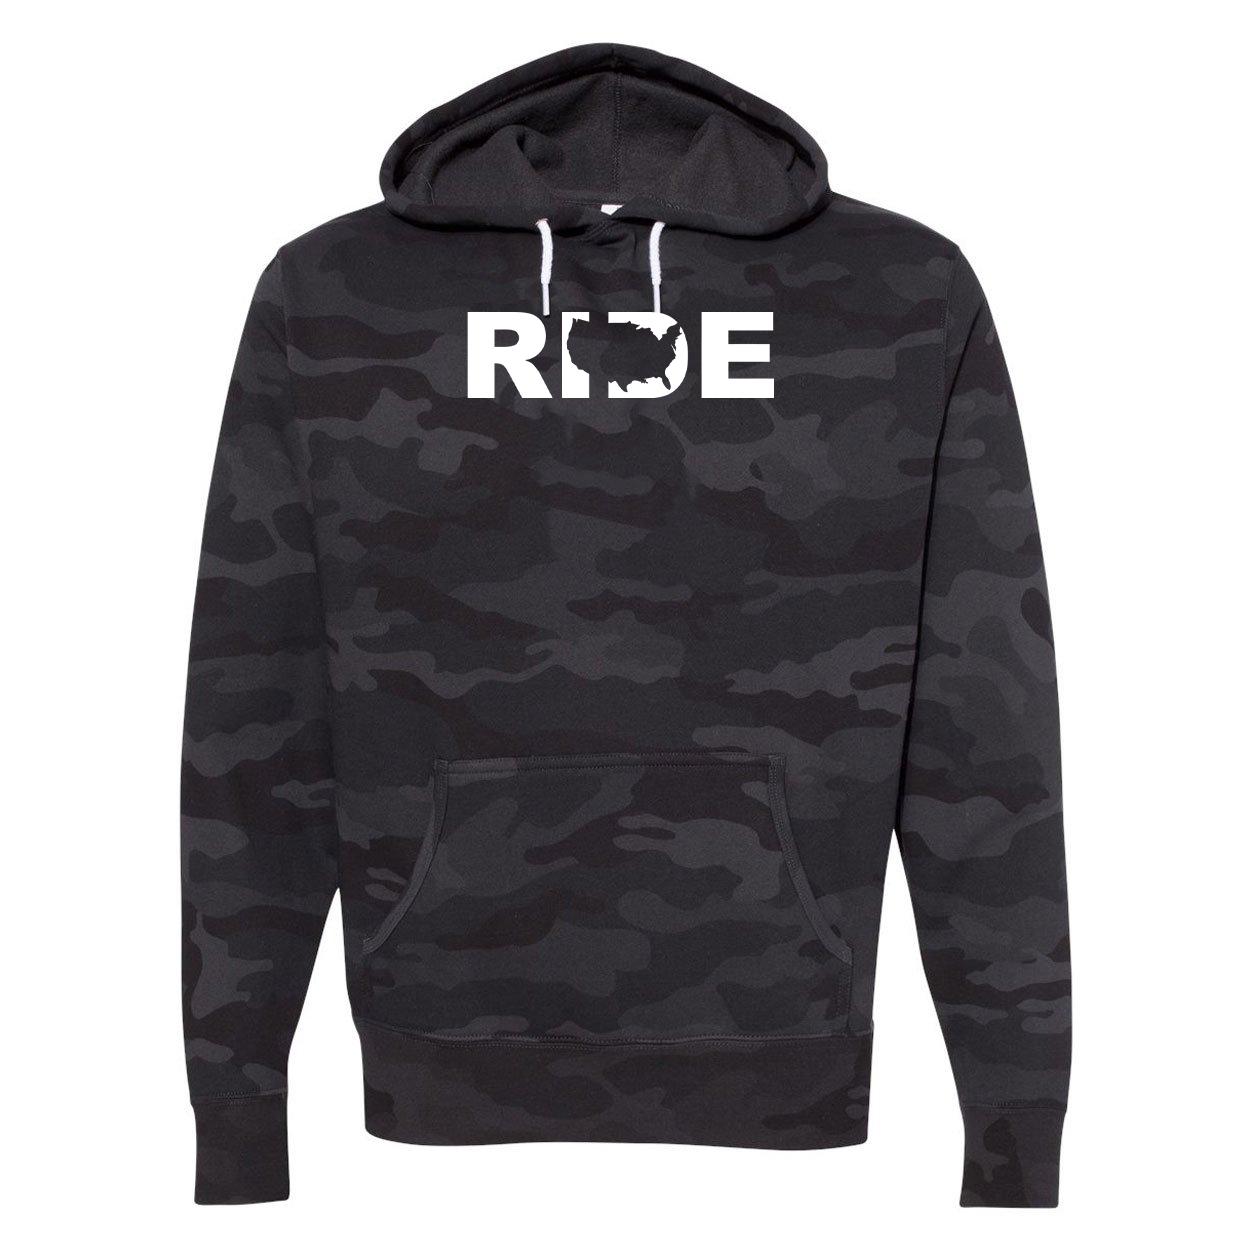 Ride United States Classic Unisex Hooded Sweatshirt Black Camo (White Logo)